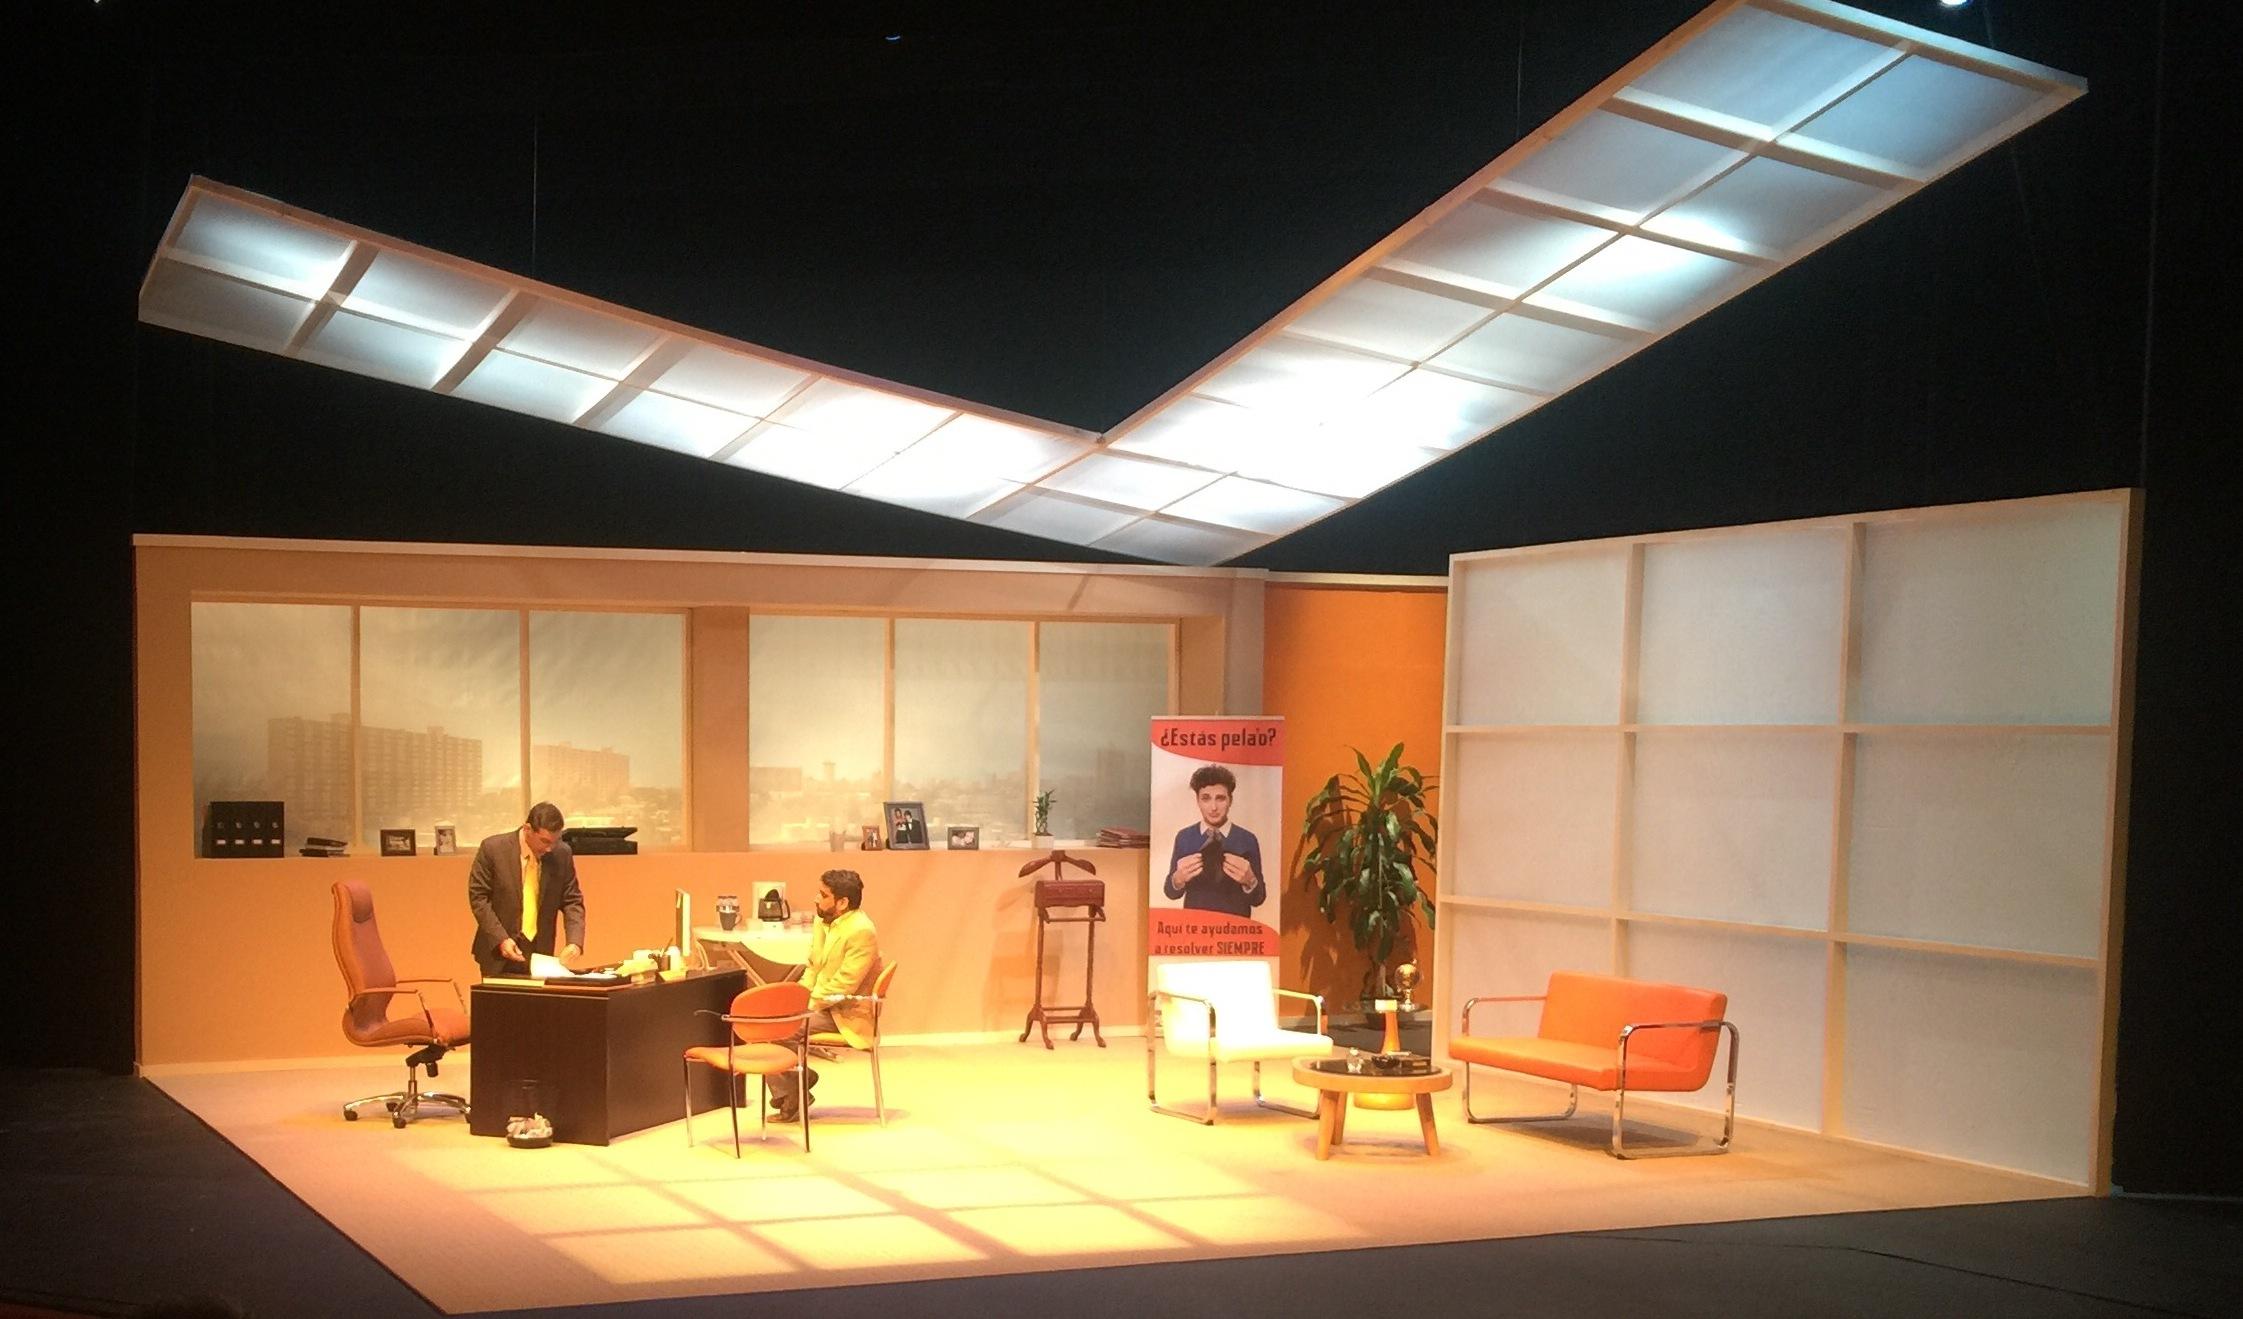 La escenografía de Gregorio complementó el ambiente necesari para la trama. (Foto Alina Marrero para Fundación Nacional para la Cultura Popular)